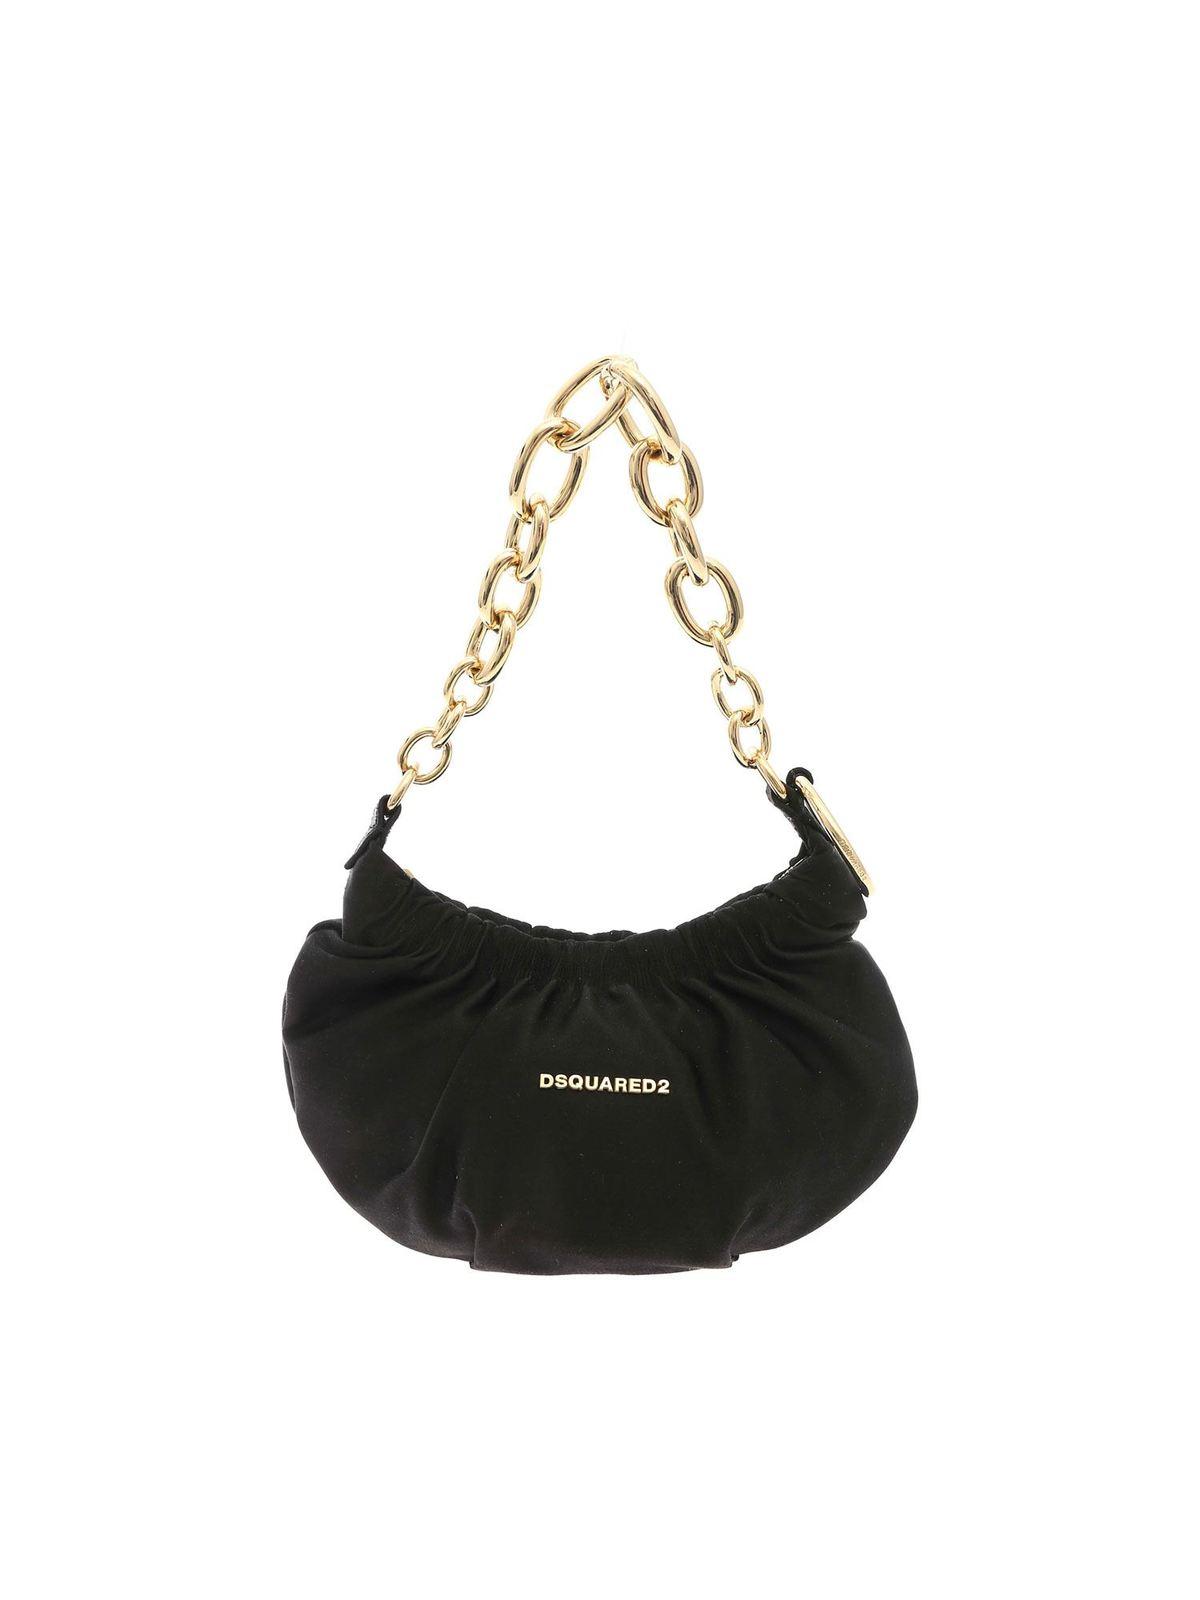 Dsquared2 Shoulder bags LOGO SATIN BAG IN BLACK